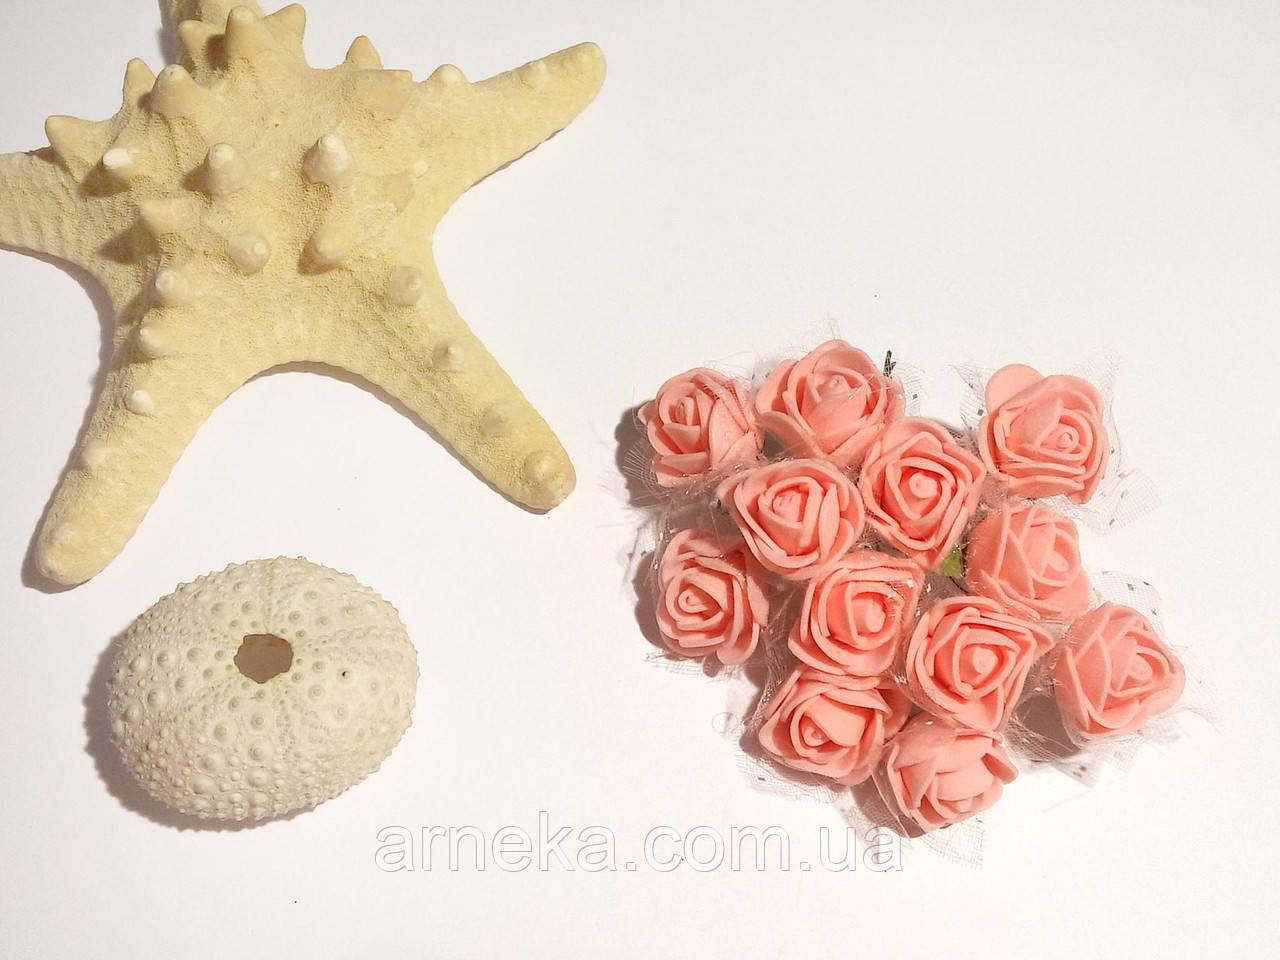 Розы латексные (с фатином) персиковые